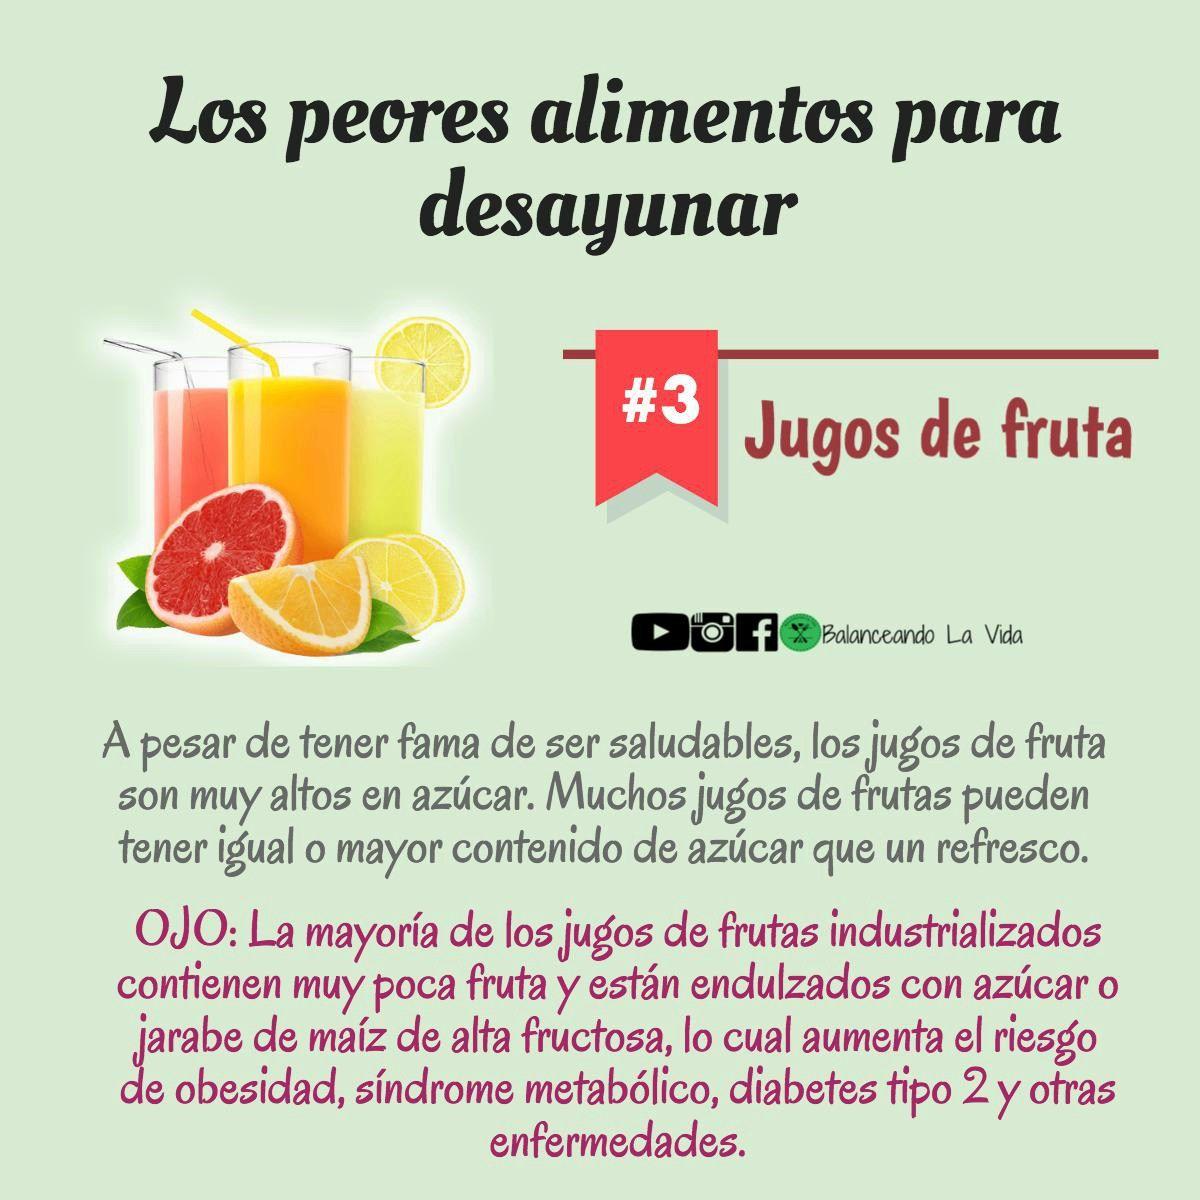 refrescos endulzados con azúcar obesidad y diabetes tipo 2